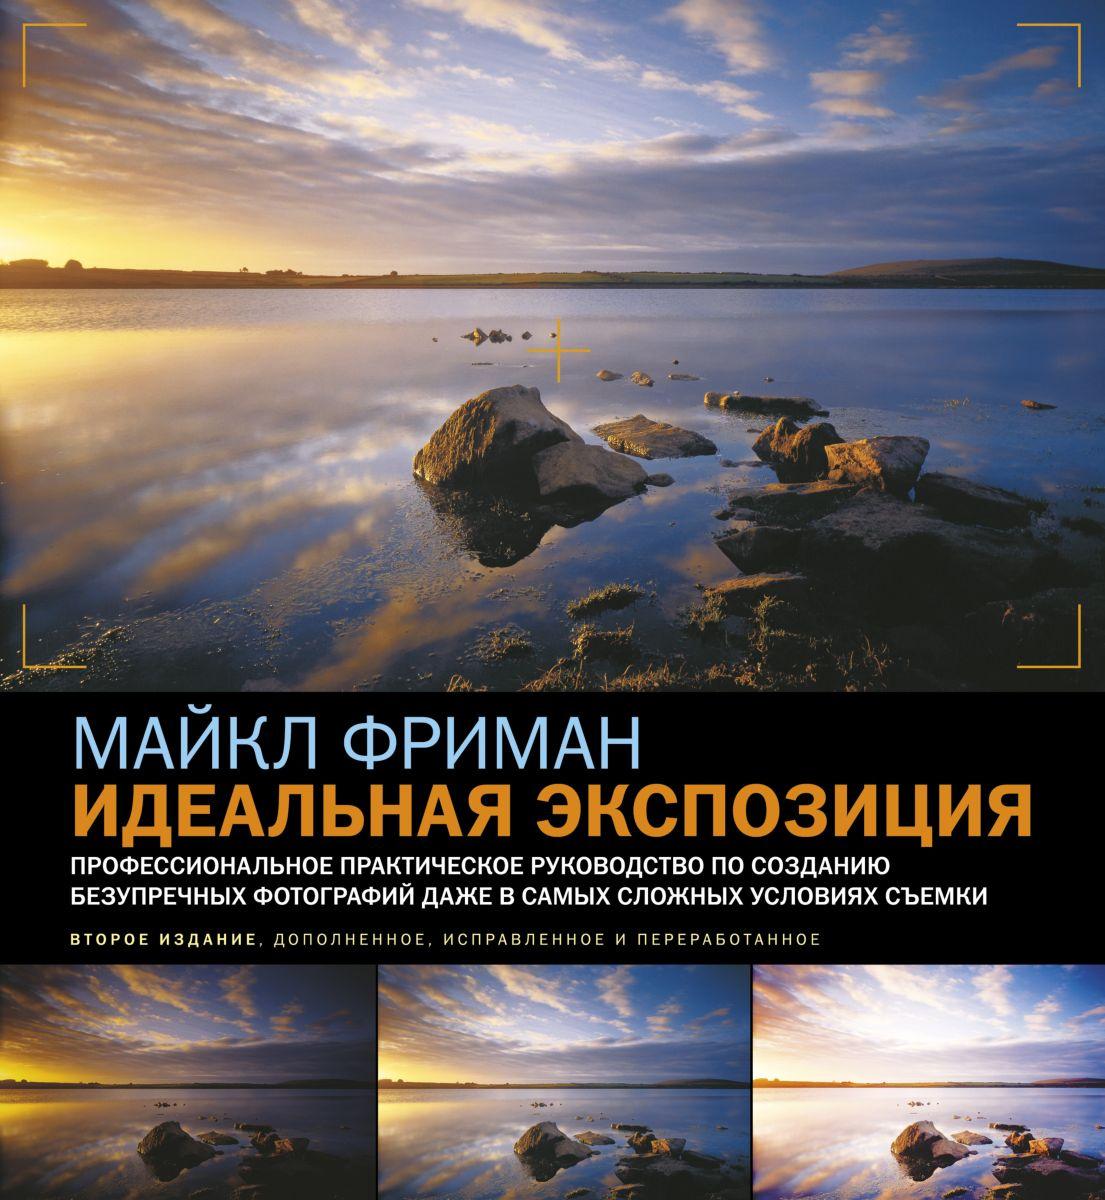 Идеальная экспозиция. Профессиональное практическое руководство по созданию безупречных цифровых фотографий #1